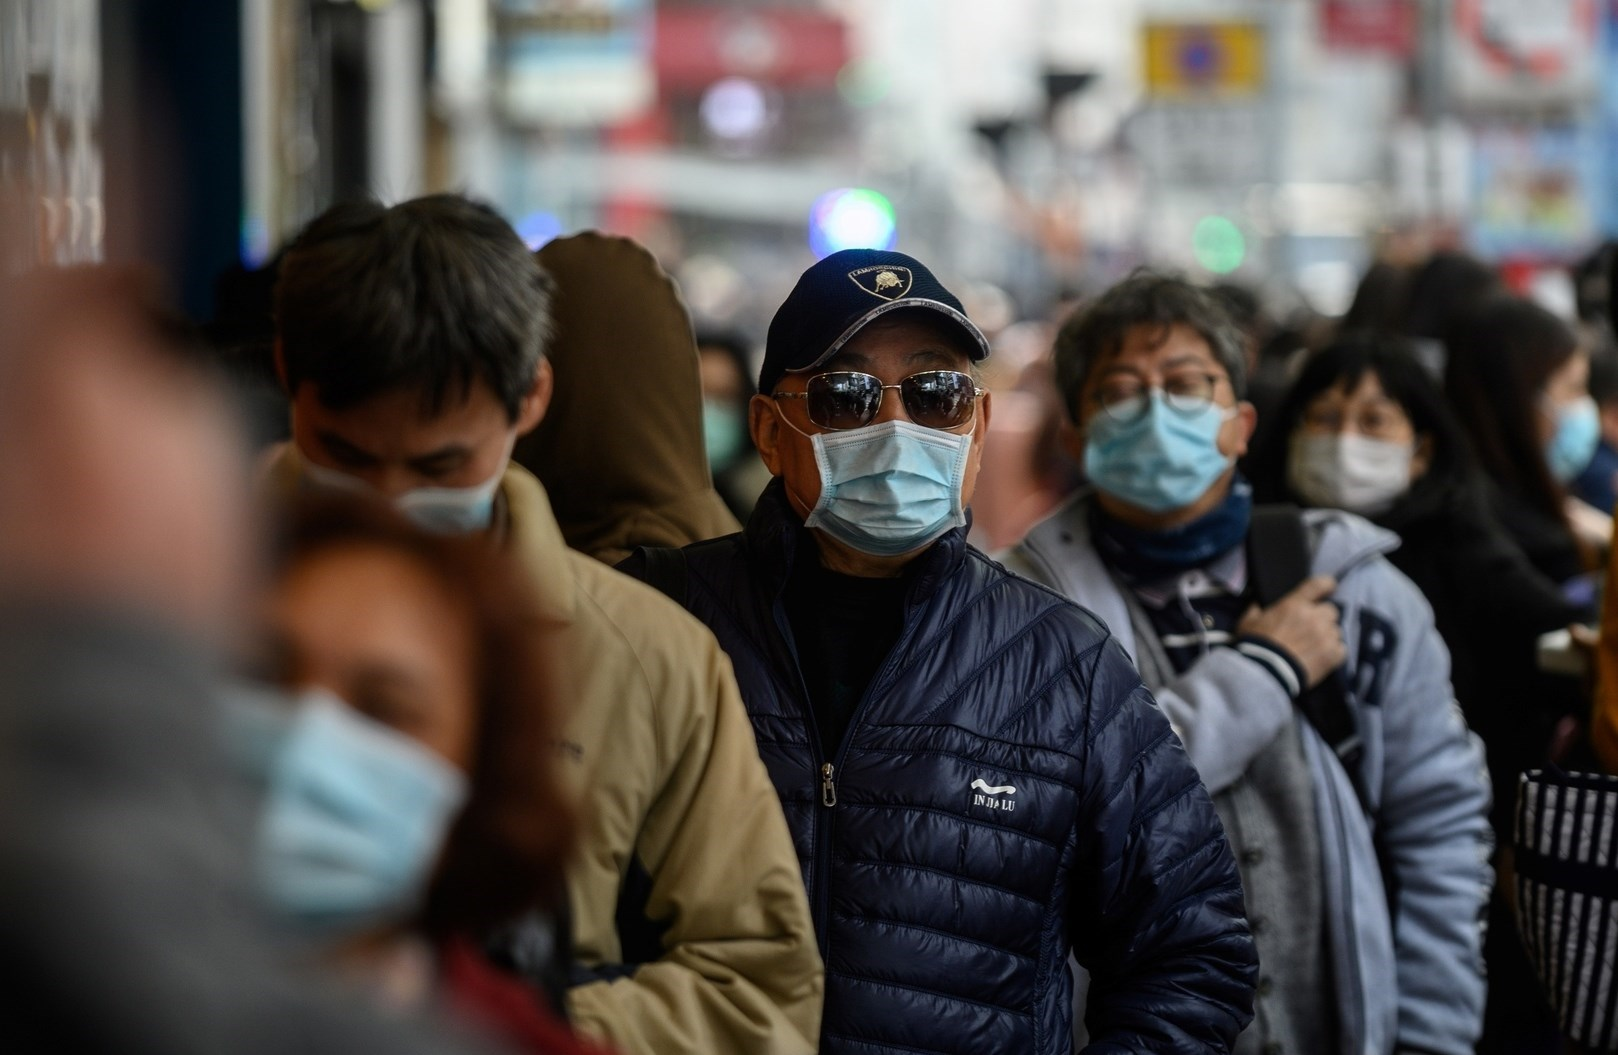 خبير روسي: بعض الناس لا يصابون بفيروس كورونا مهما خالطوا